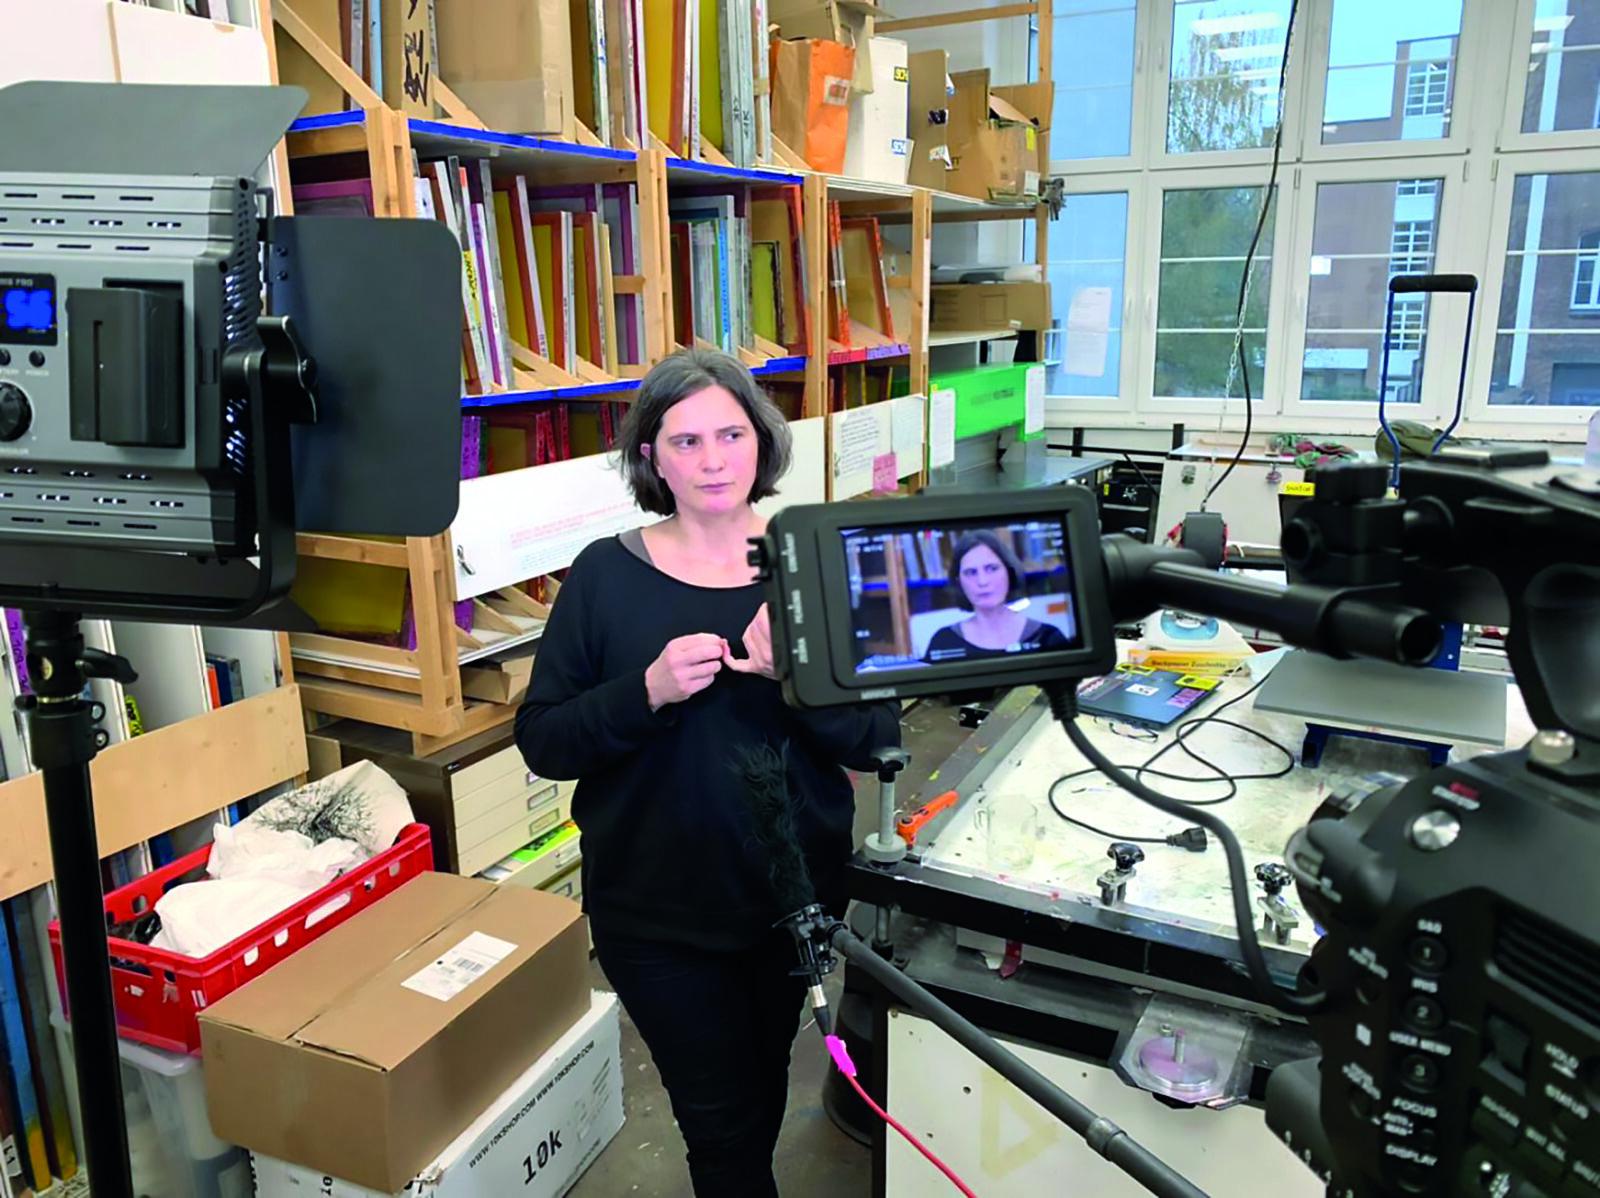 Die Illustratorin und Buchdruckerin Nathalie Scattolon beim Videodreh